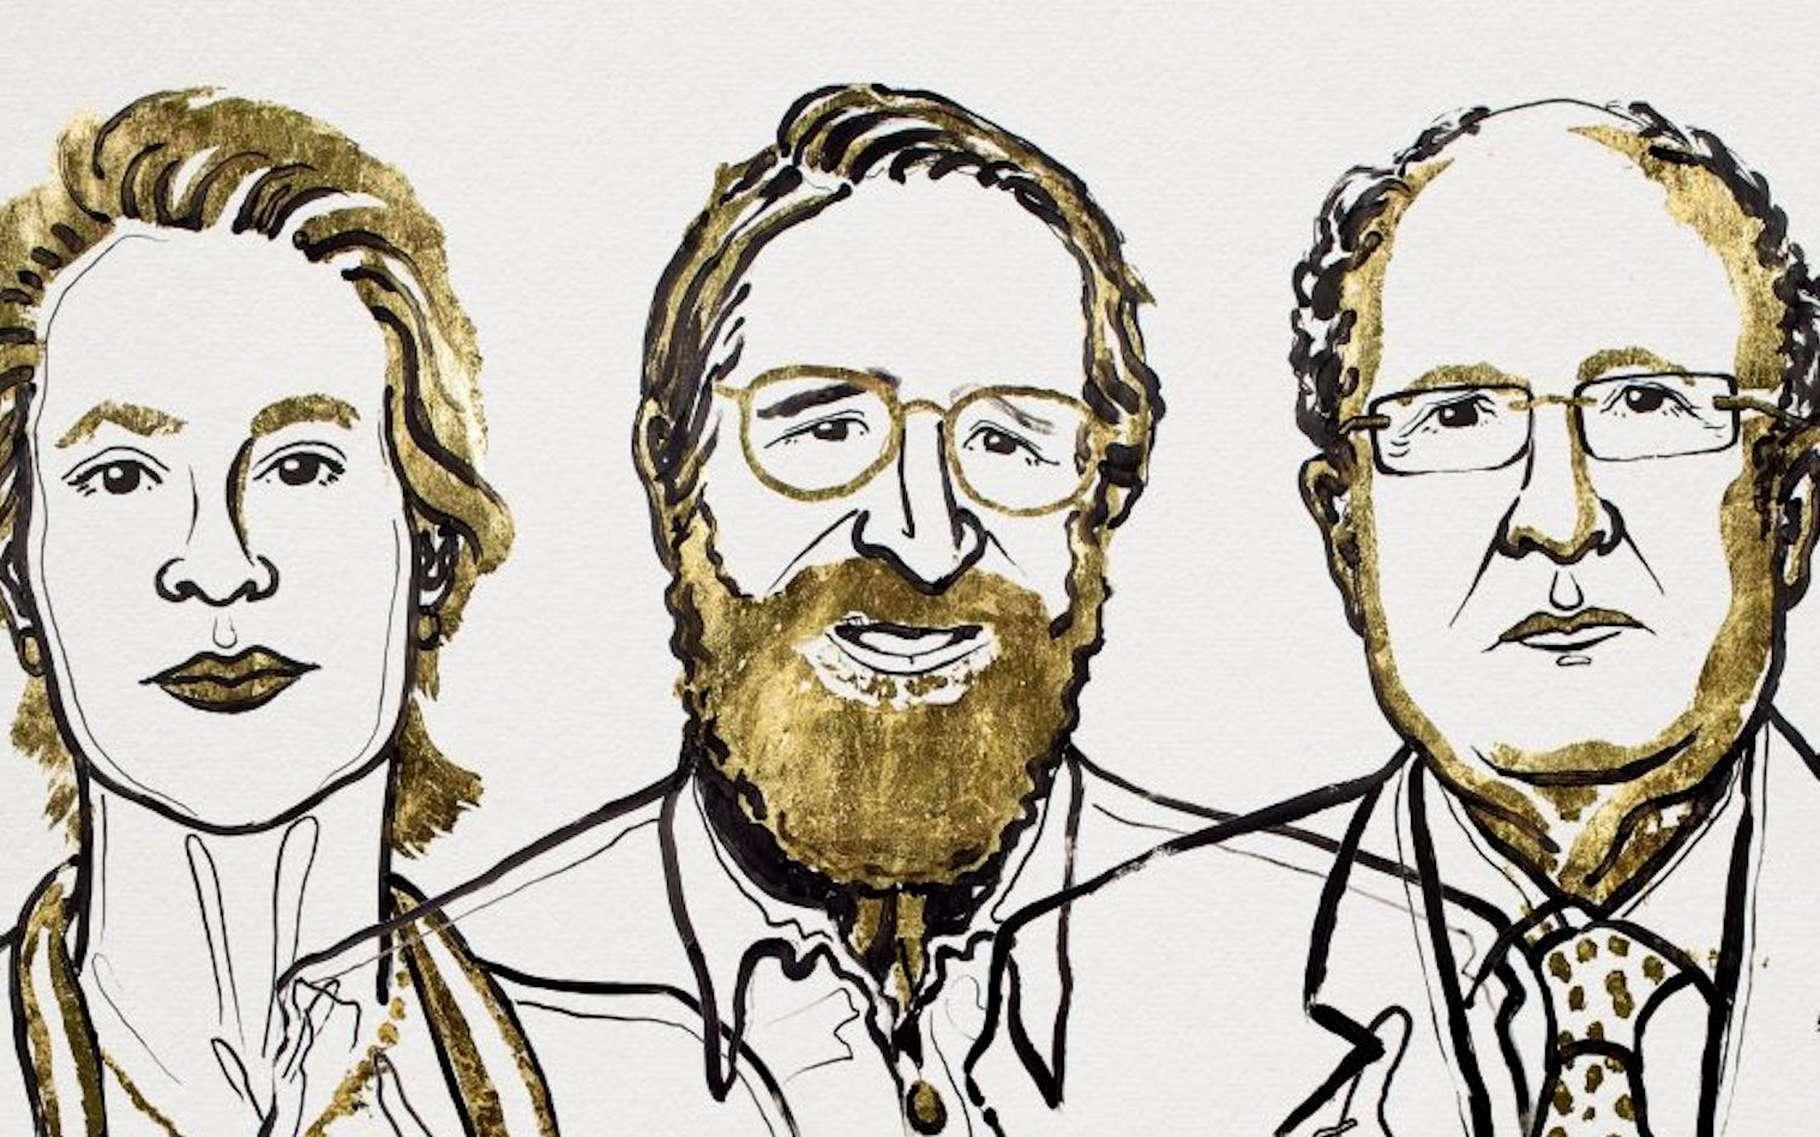 Frances H. Arnold, à gauche, George P. Smith, au centre et Sir Gregory Winter, à droite, ont été récompensés du prestigieux prix Nobel de chimie, le mercredi 3 octobre 2018. La première pour ses travaux pionniers sur « l'évolution dirigée des enzymes » et ses confères pour le développement d'une technique innovante dite de « phage display des peptides et des anticorps ». © Niklas Elmehed, Nobel Media